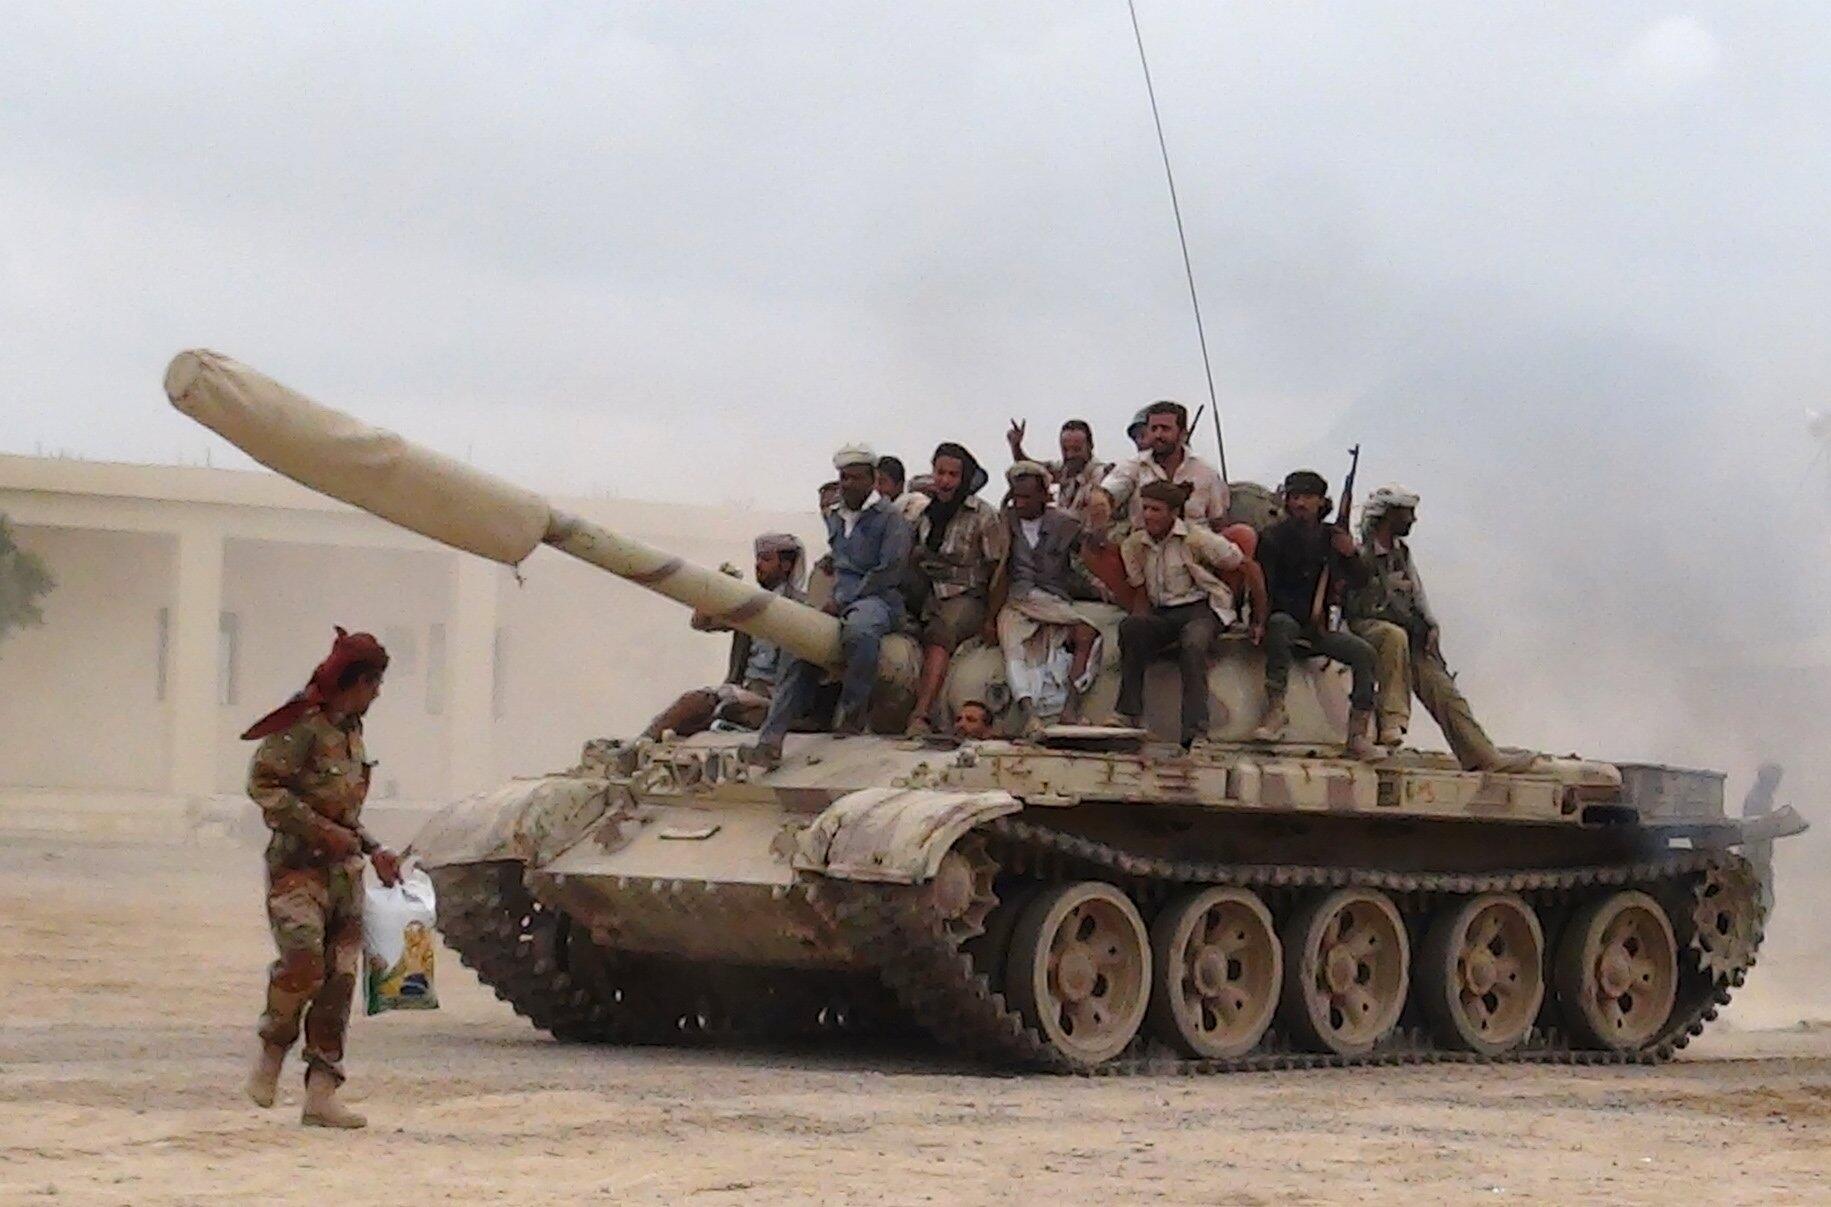 Militantes leais ao presidente iemenita, Abd Rabbo Mansour Hadi, lutam combatem os houthis na província de Lahej, no sudeste do país.